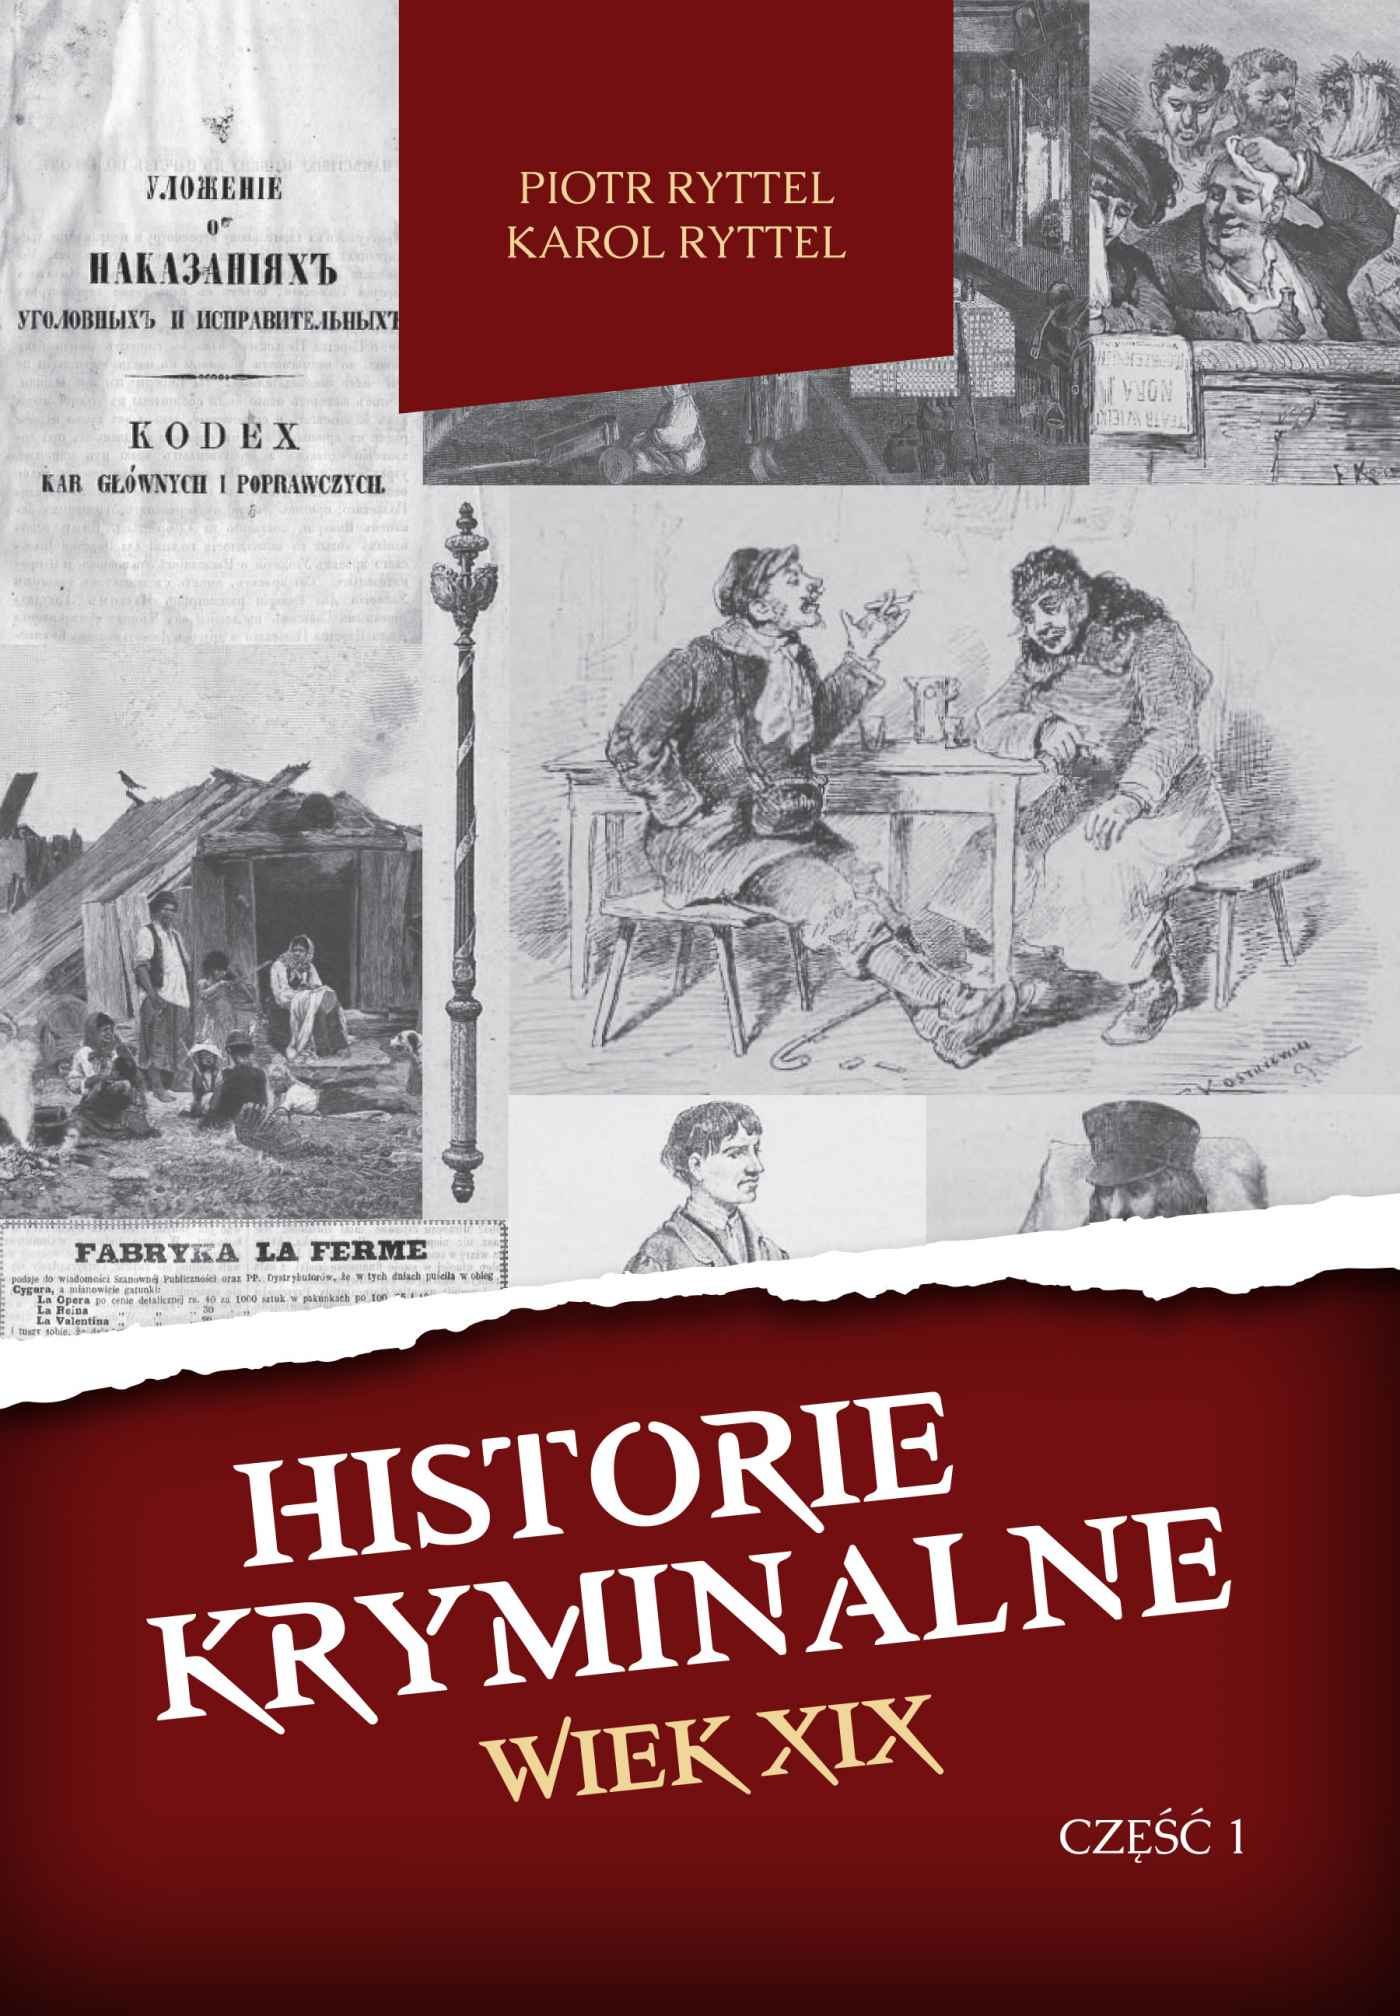 Historie kryminalne. Wiek XIX. Część 1 - Ebook (Książka EPUB) do pobrania w formacie EPUB